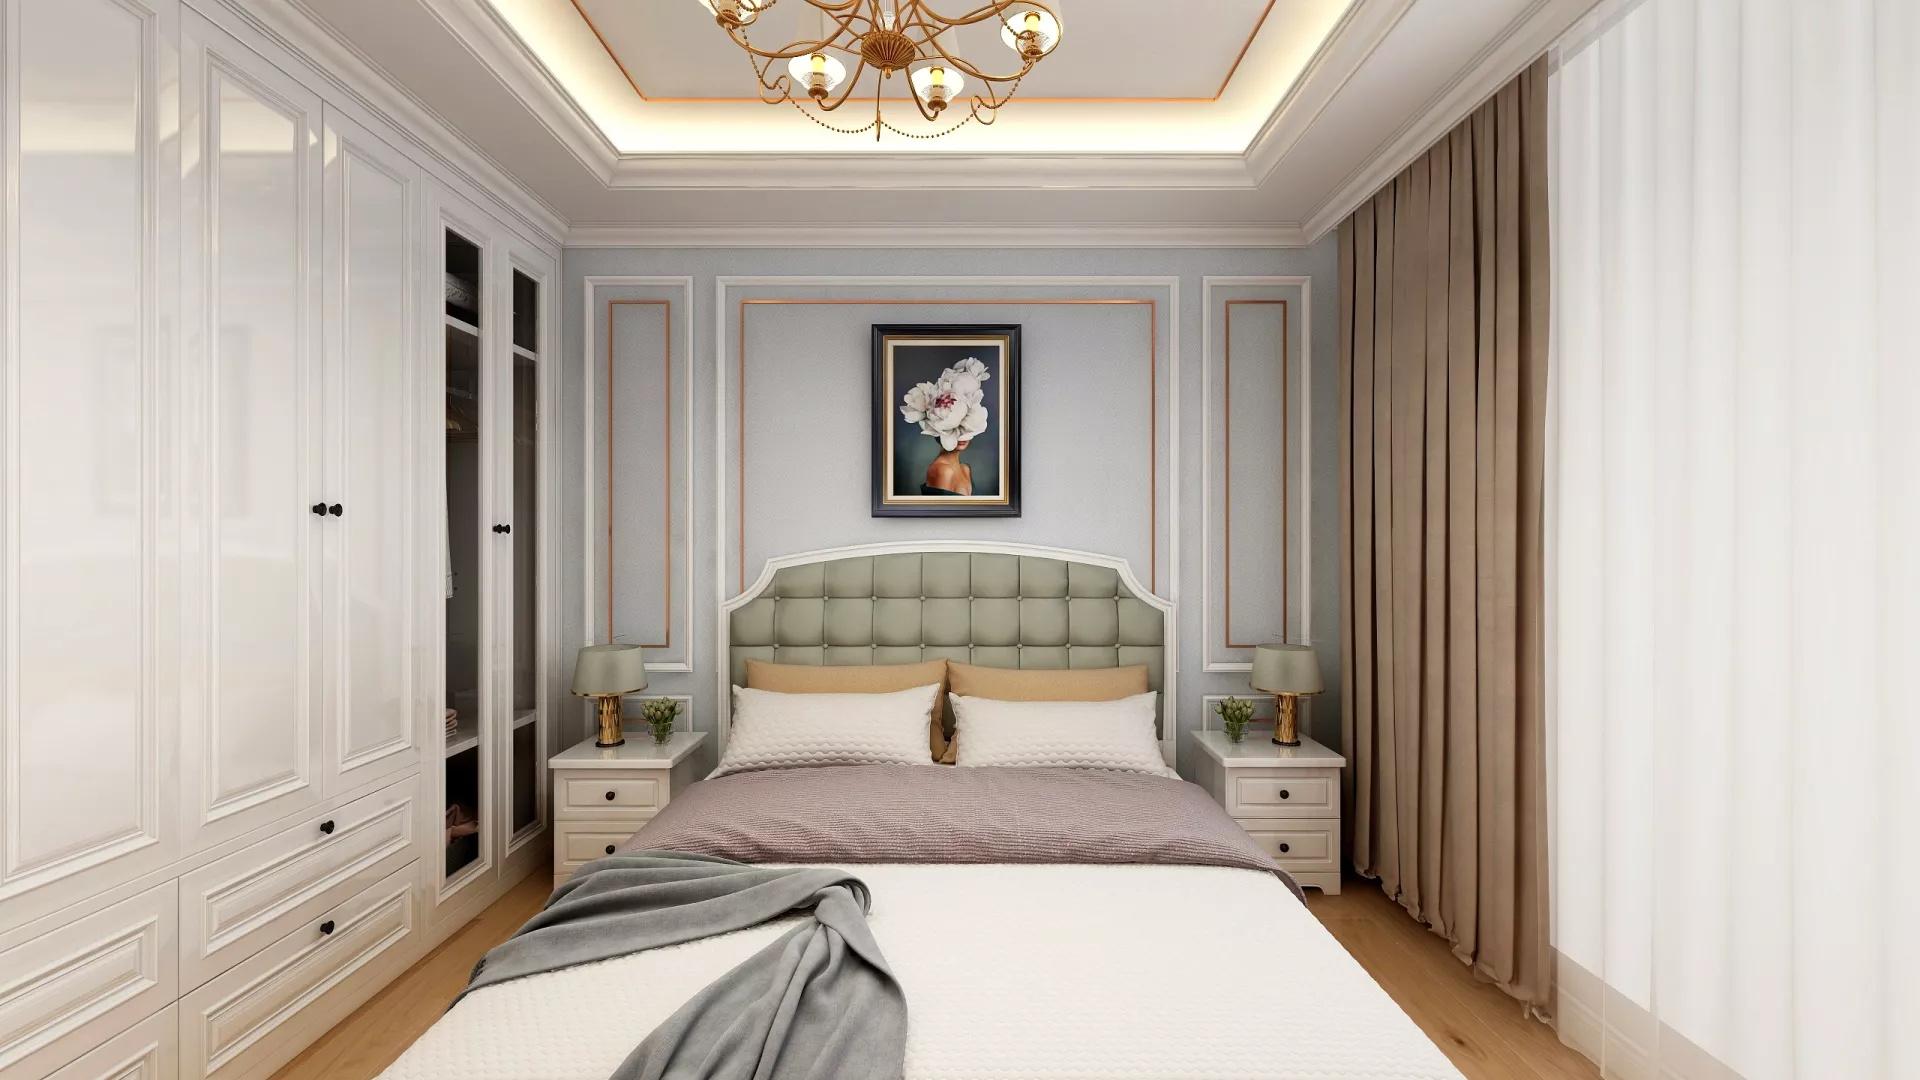 简洁白色风格家居装修效果图